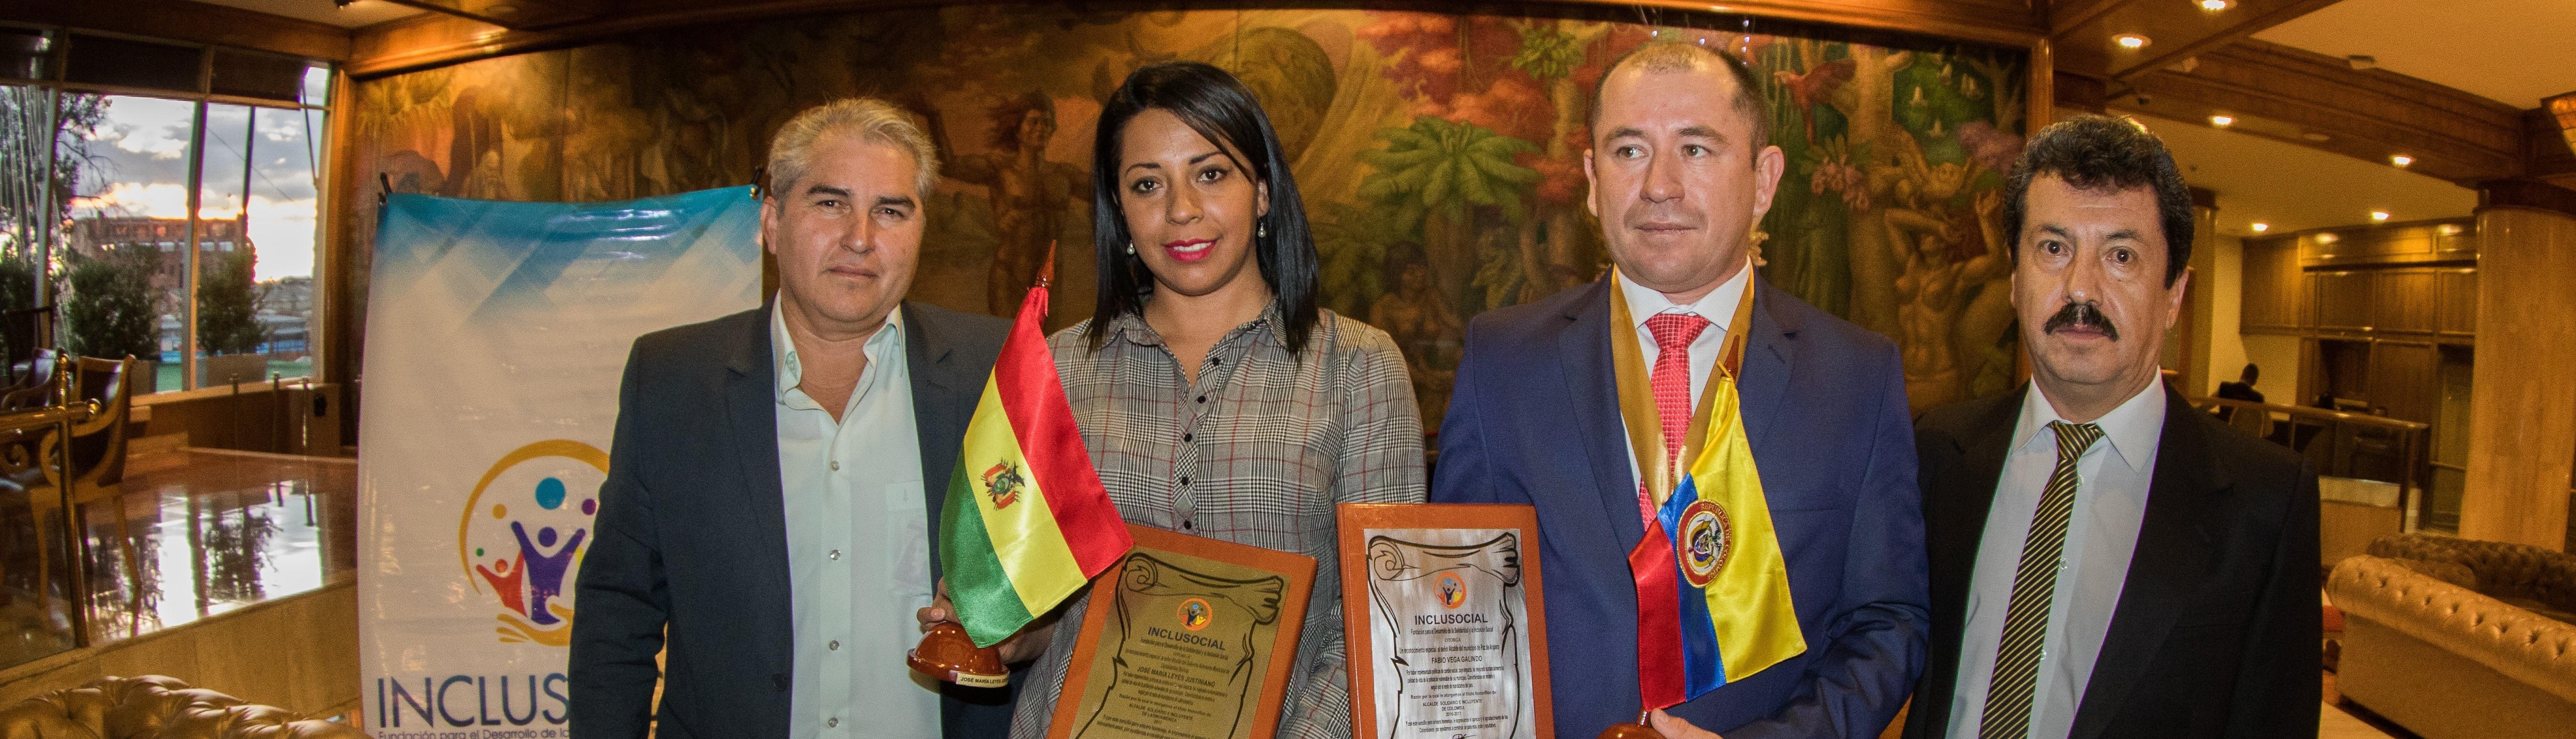 El. Dr. Fabio Vega Galindo recibió el premio «Alcalde Solidario e Incluyente de Colombia 2016 – 2017»